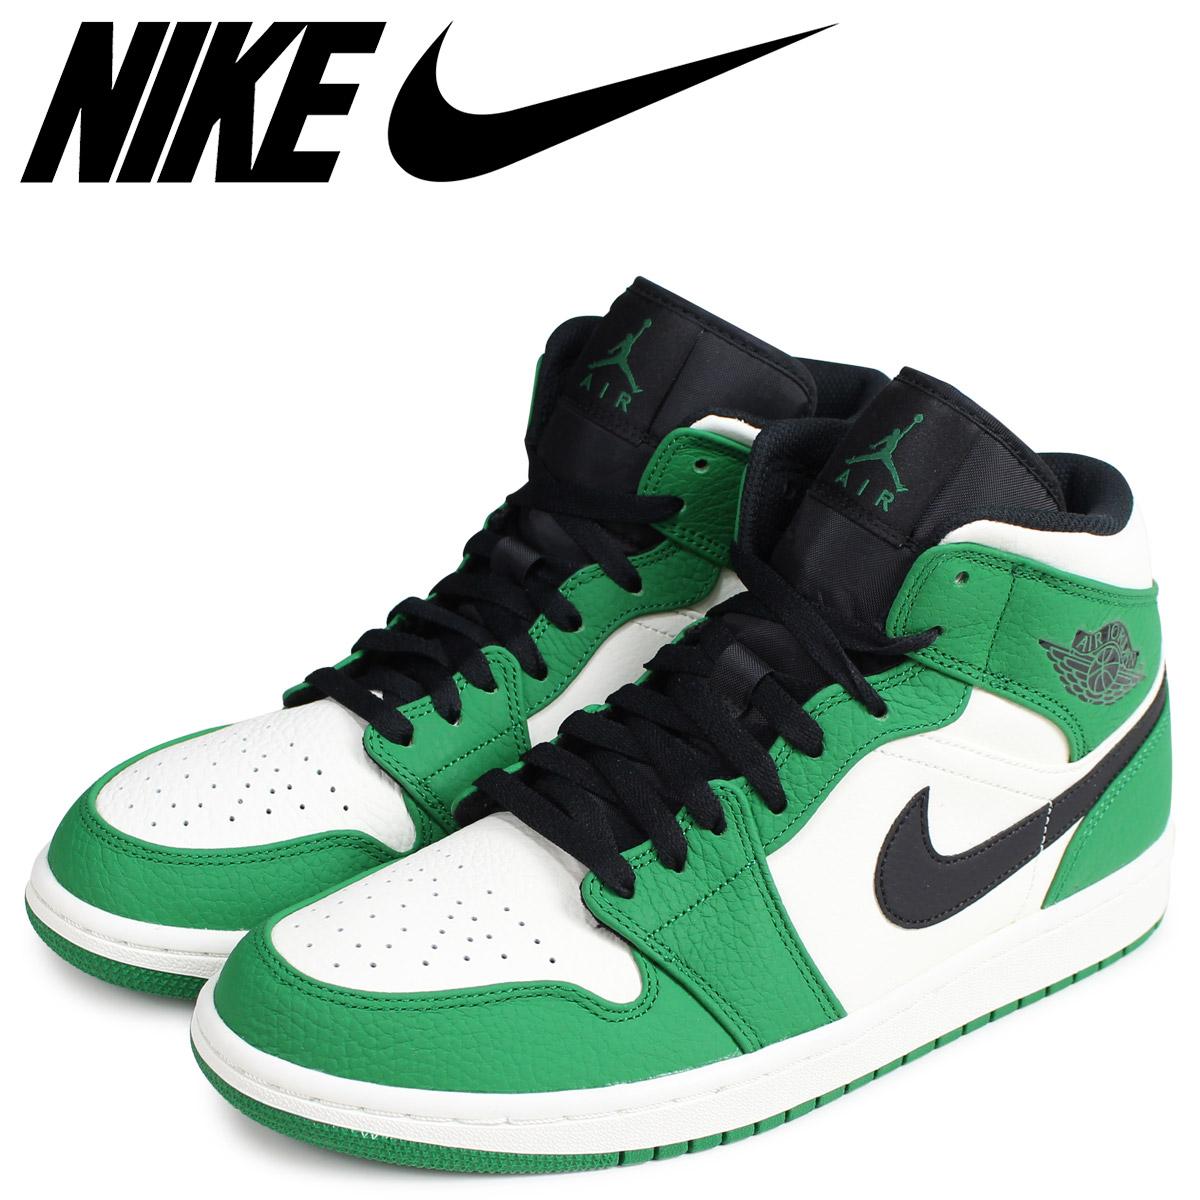 separation shoes 3c9db dbe11 NIKE Nike Air Jordan 1 sneakers men AIR JORDAN 1 MID SE green 852,542-301   2 25 Shinnyu load